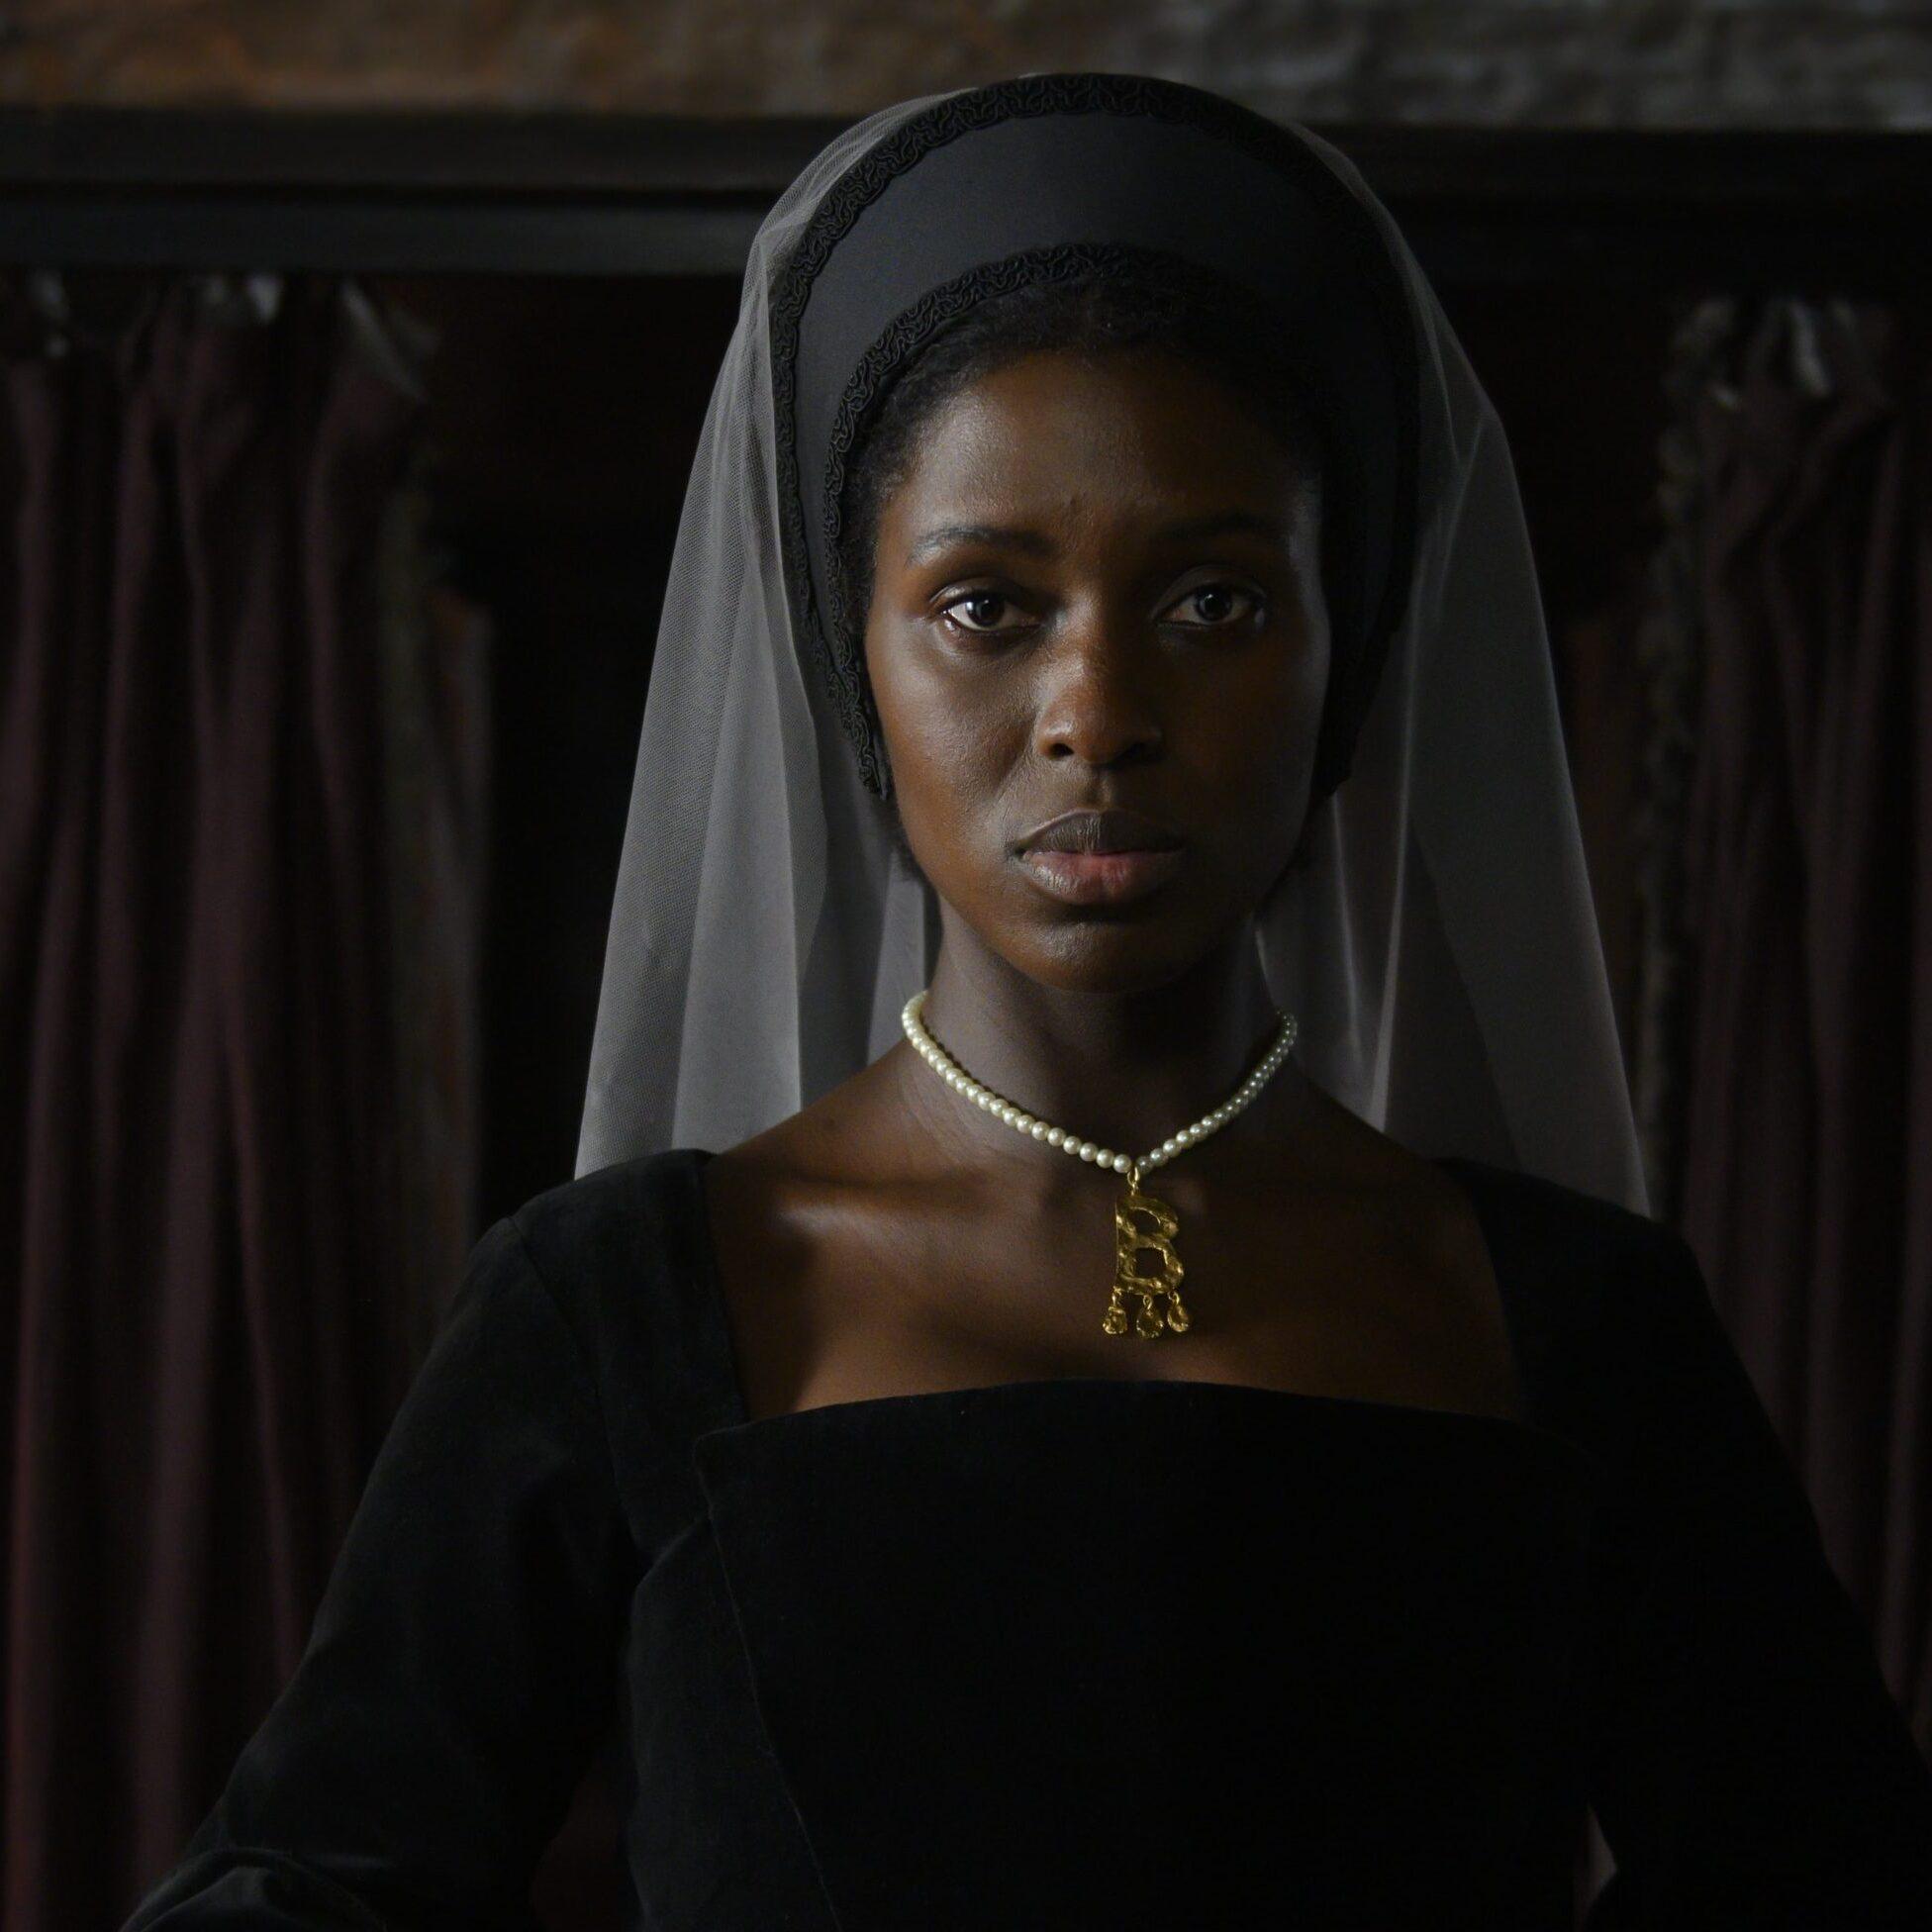 MI Anne Boleyn Played By Jodie Turner Smith